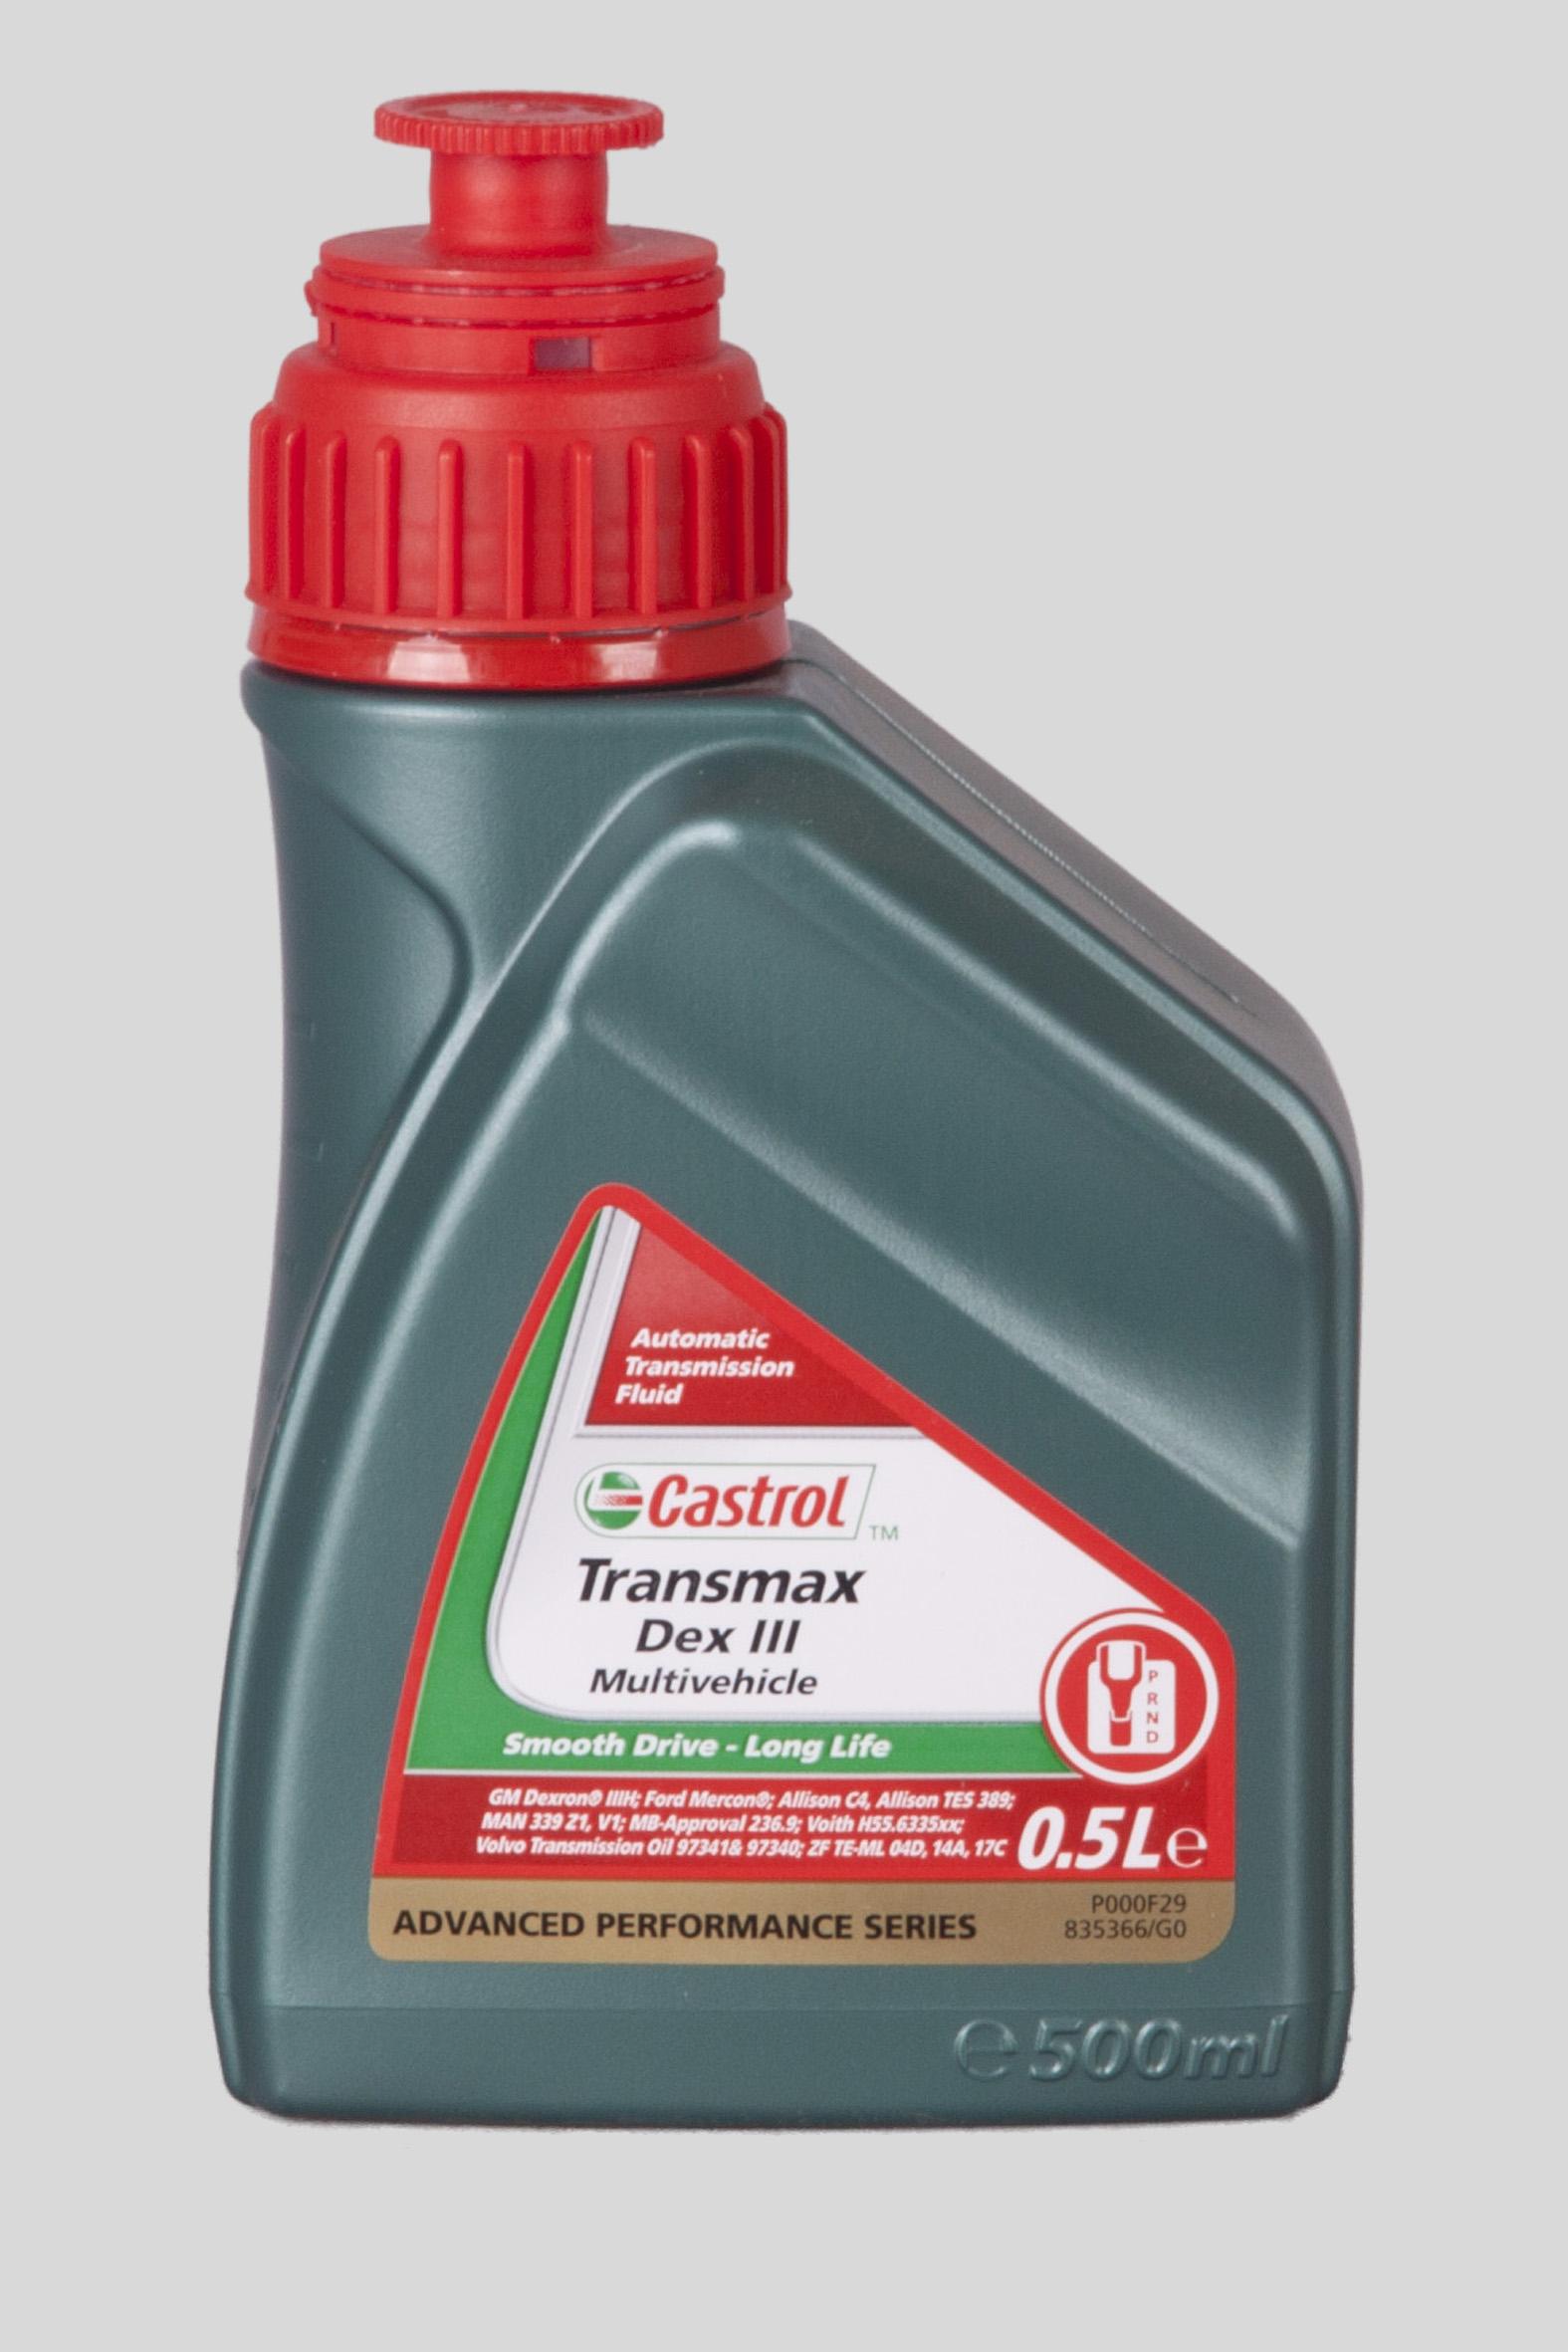 Castrol Transmax Dex III Multiv. 500ml